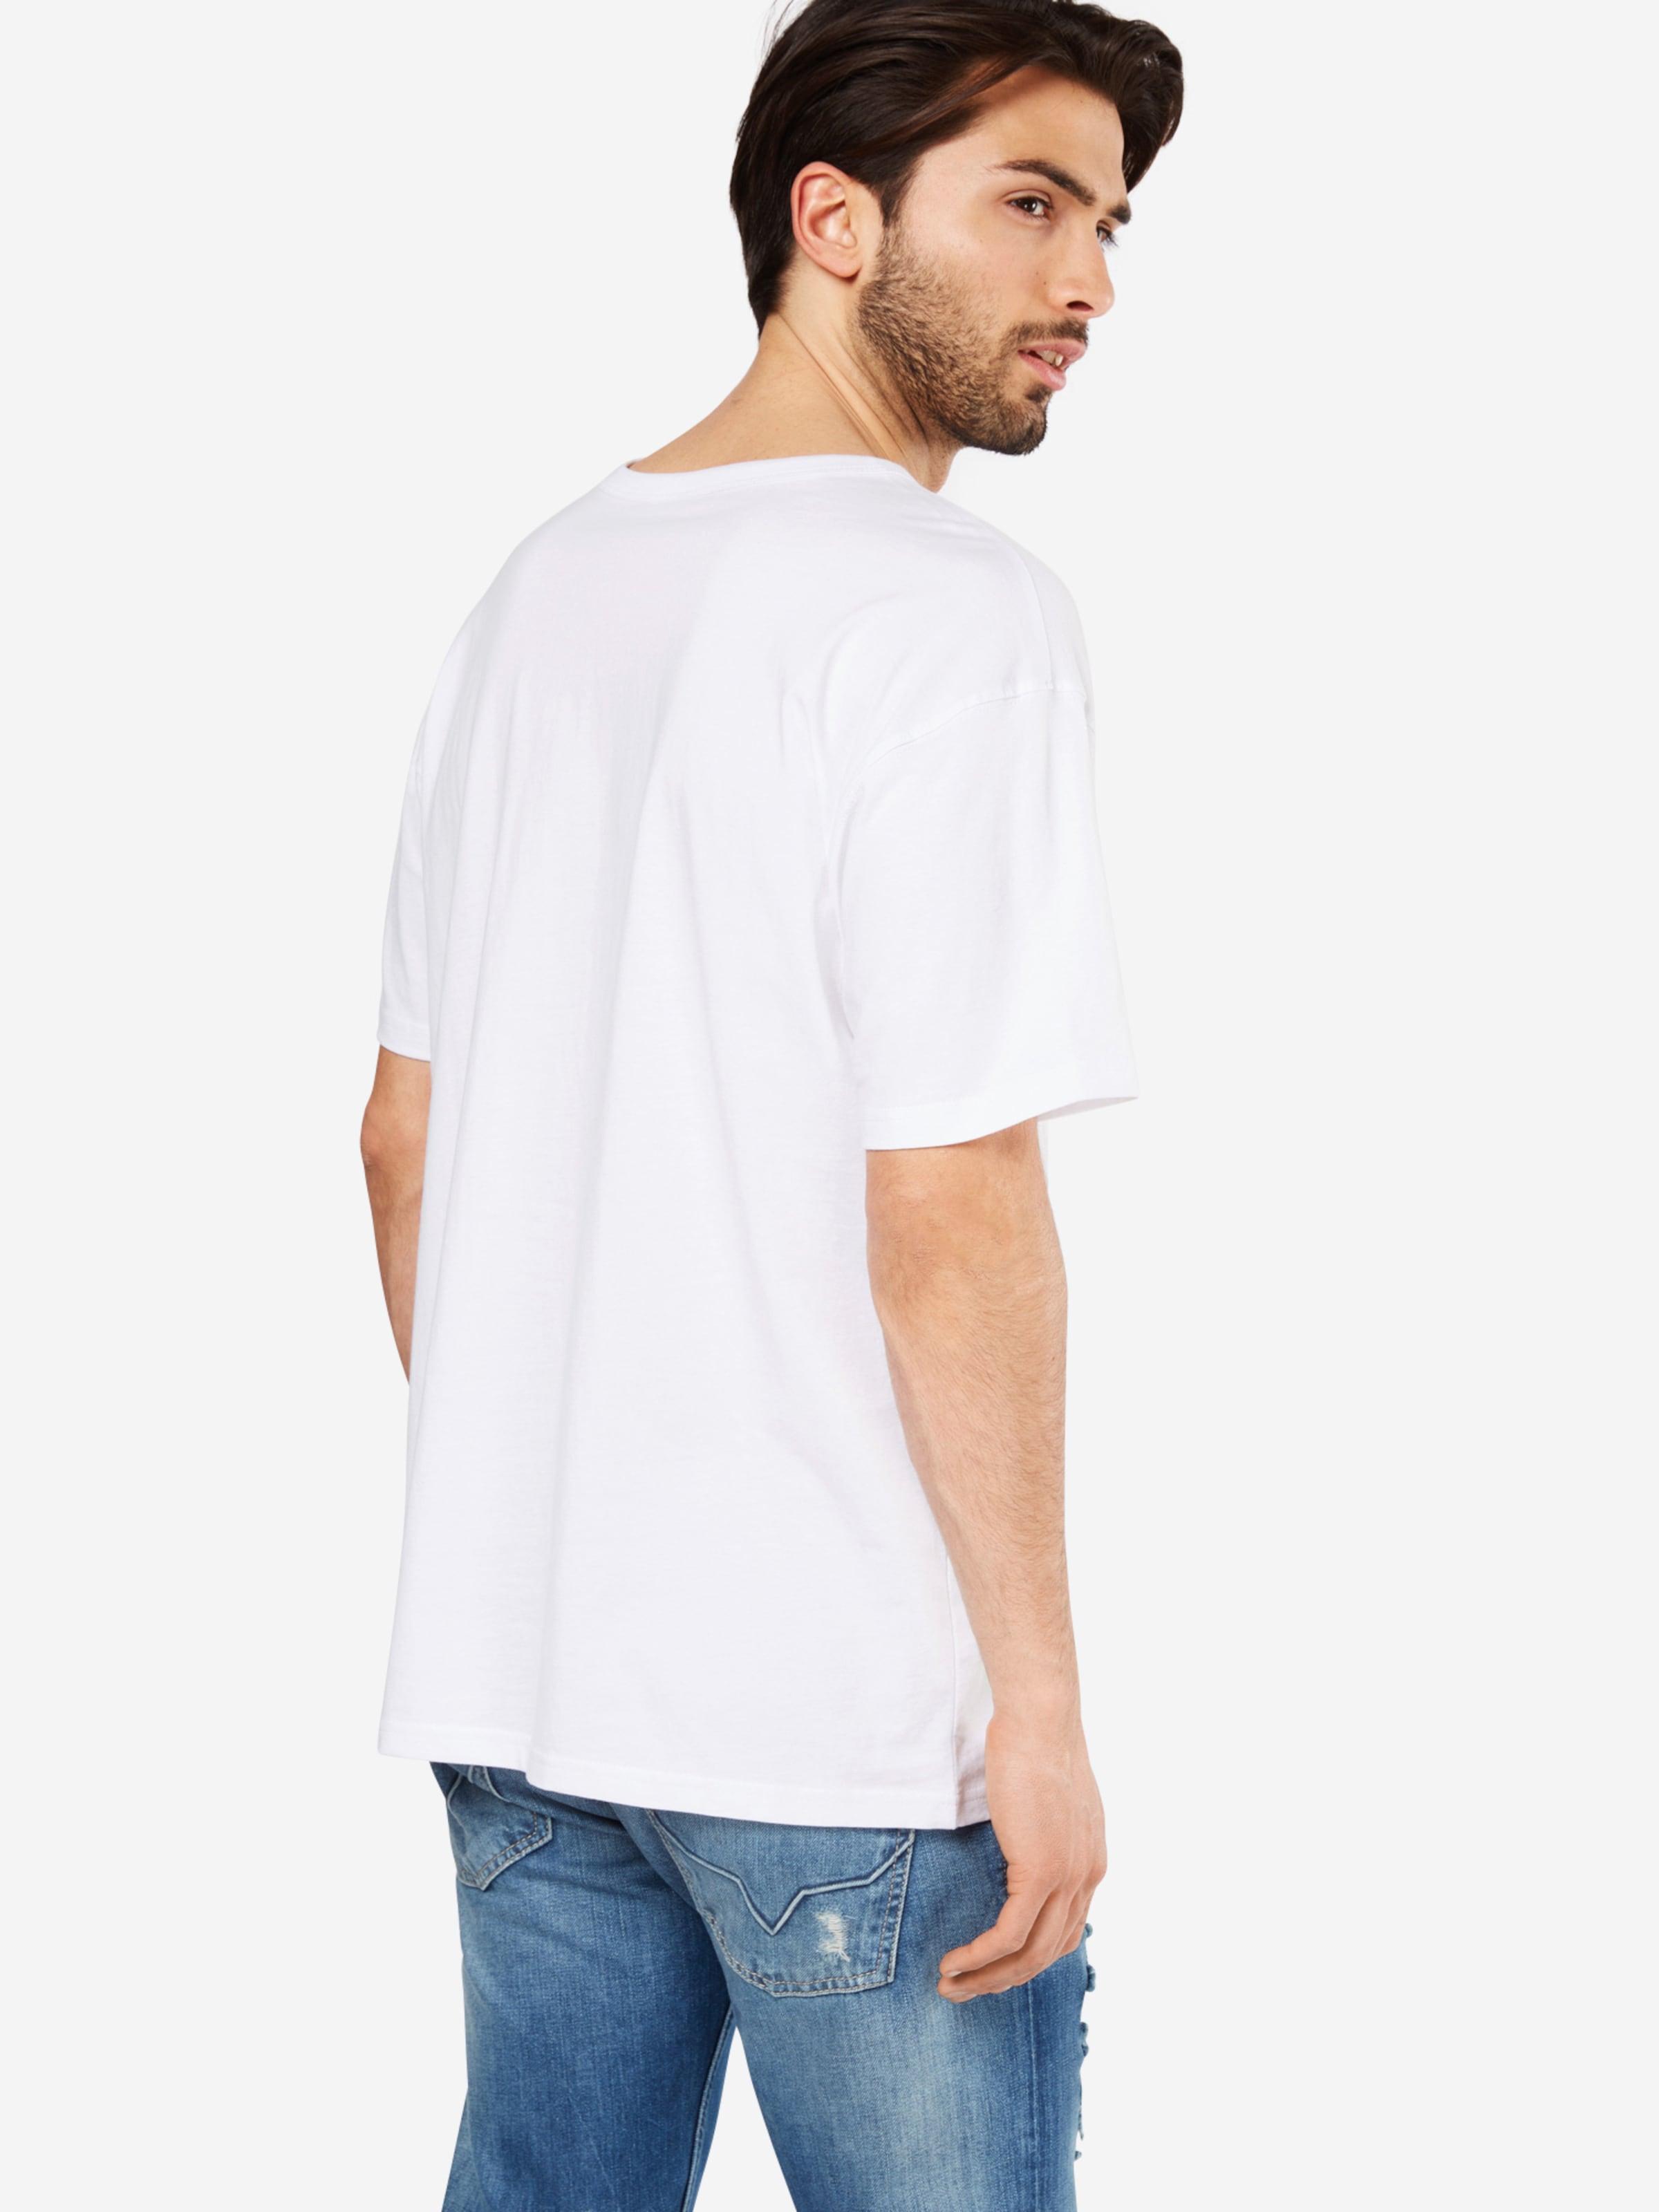 Urban Classics Oversized T-Shirt Verkauf Komfortabel Gute Qualität mLIqM1Nk